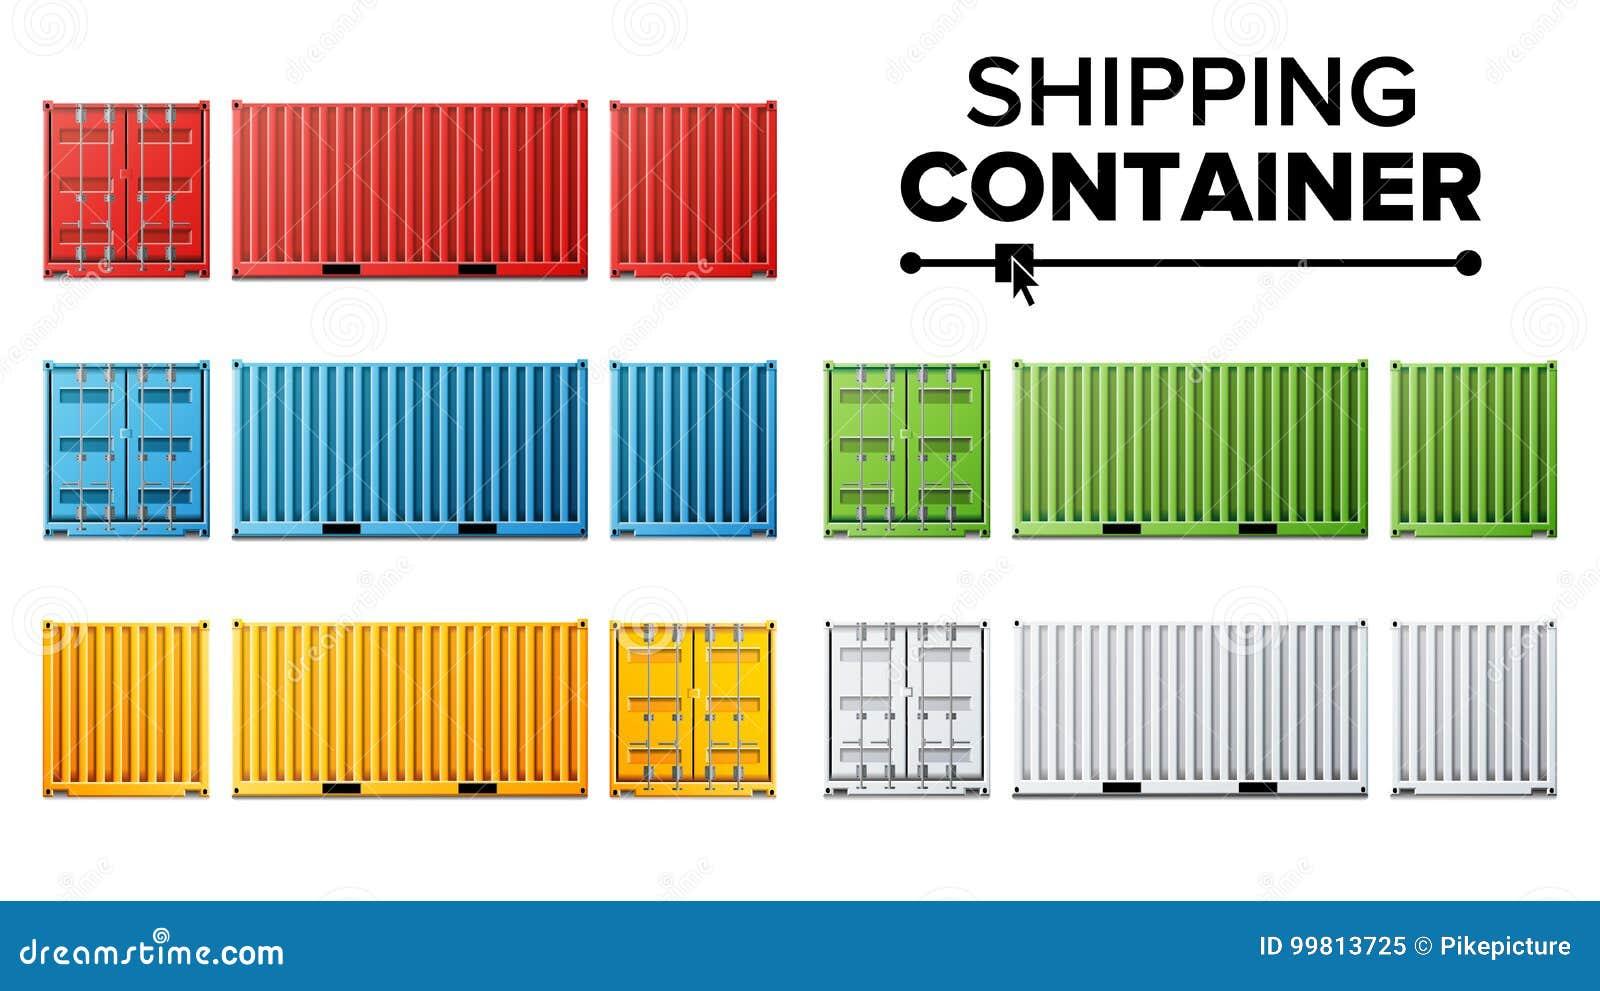 Vektor för uppsättning för sändningslastbehållare Fraktsändningsbehållarebegrepp Logistik trans. Isolerat på vit